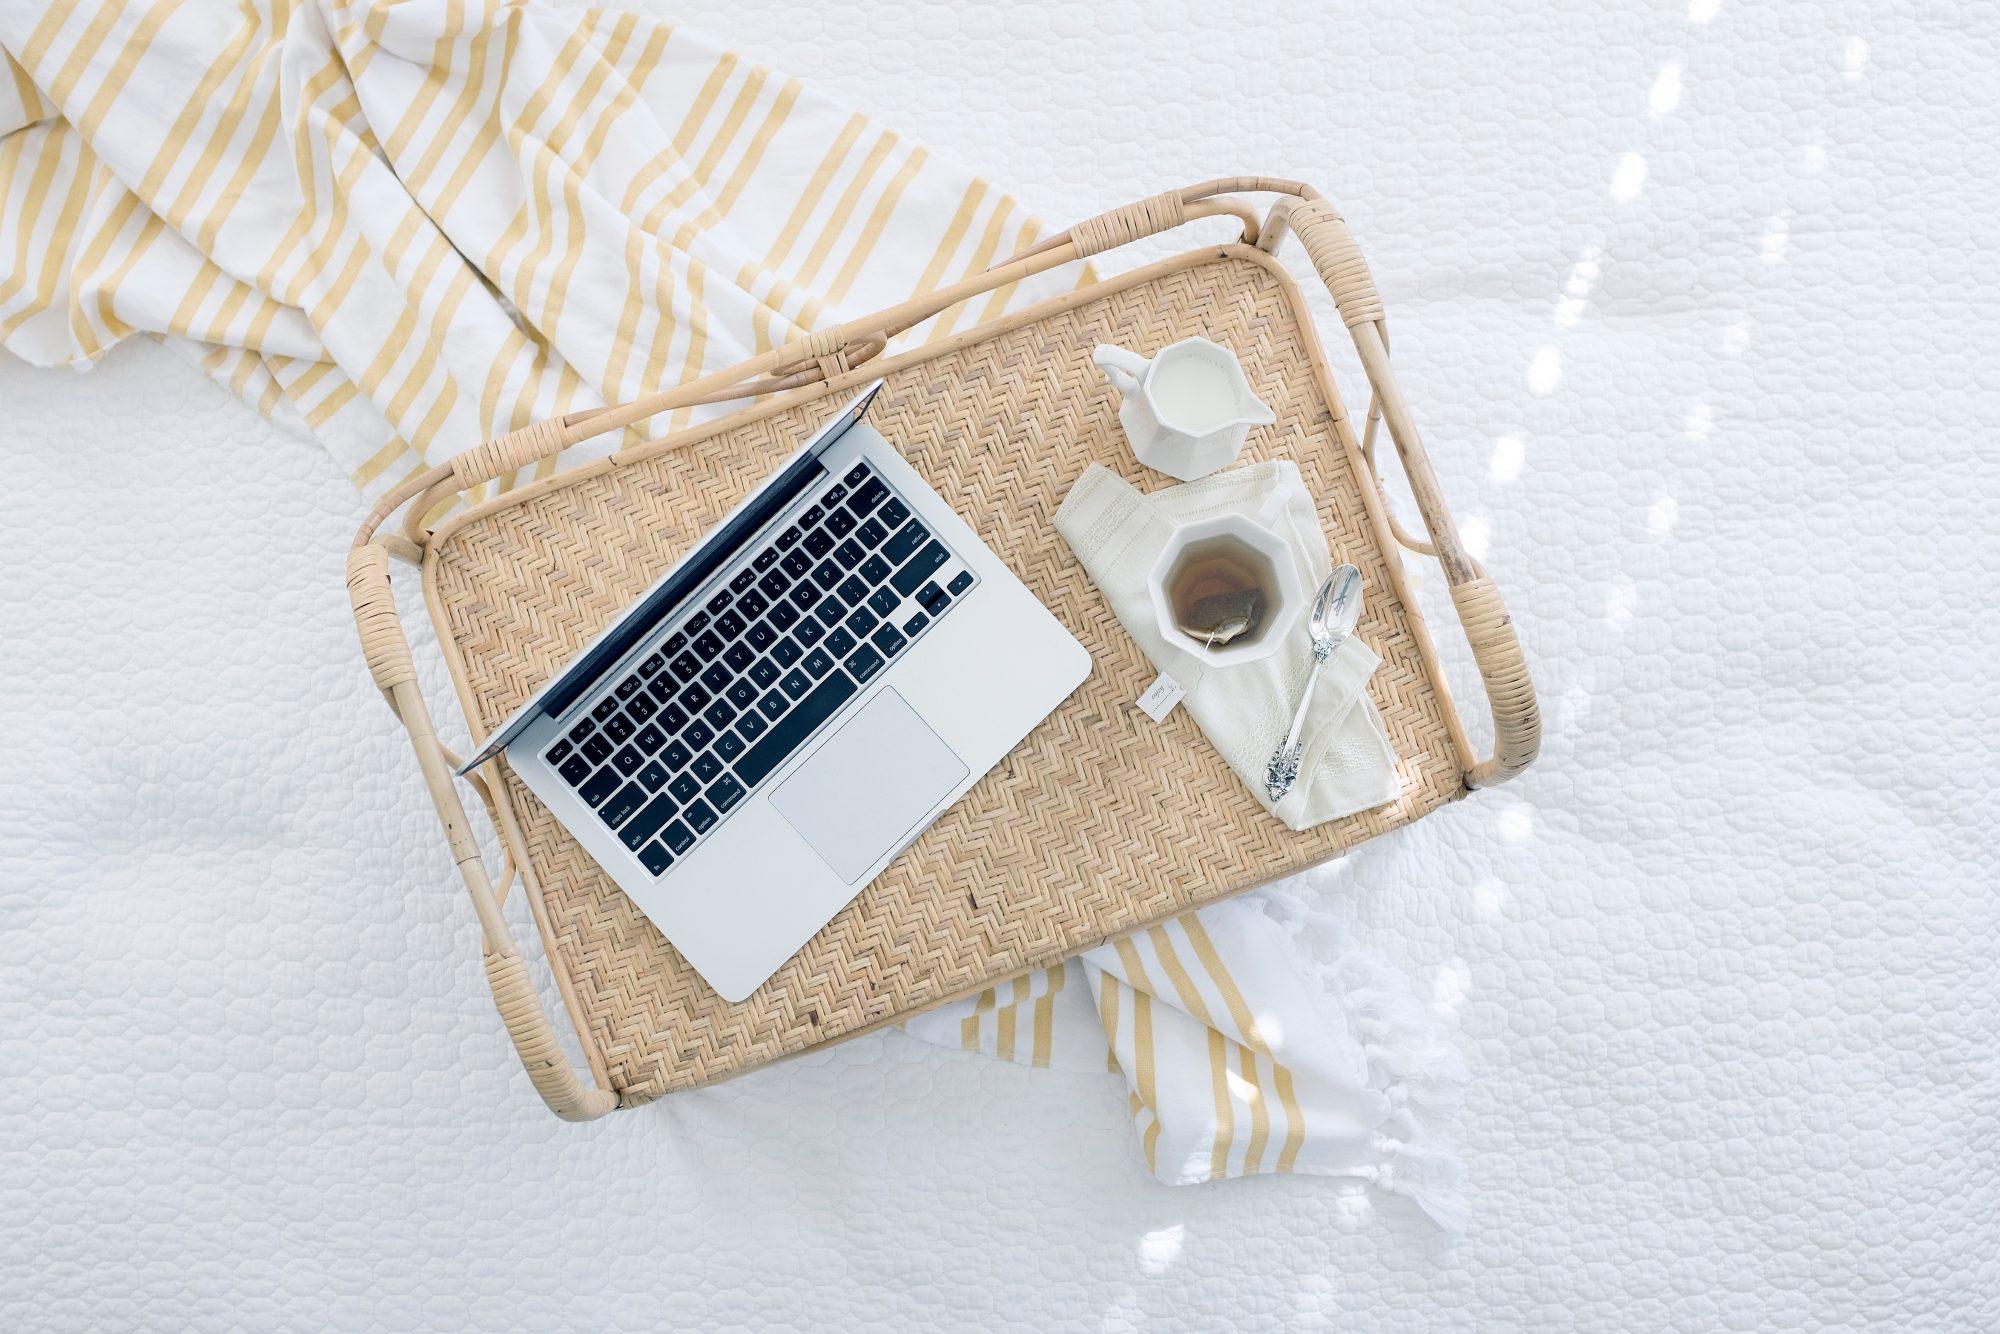 macbook dienblad inspiratie